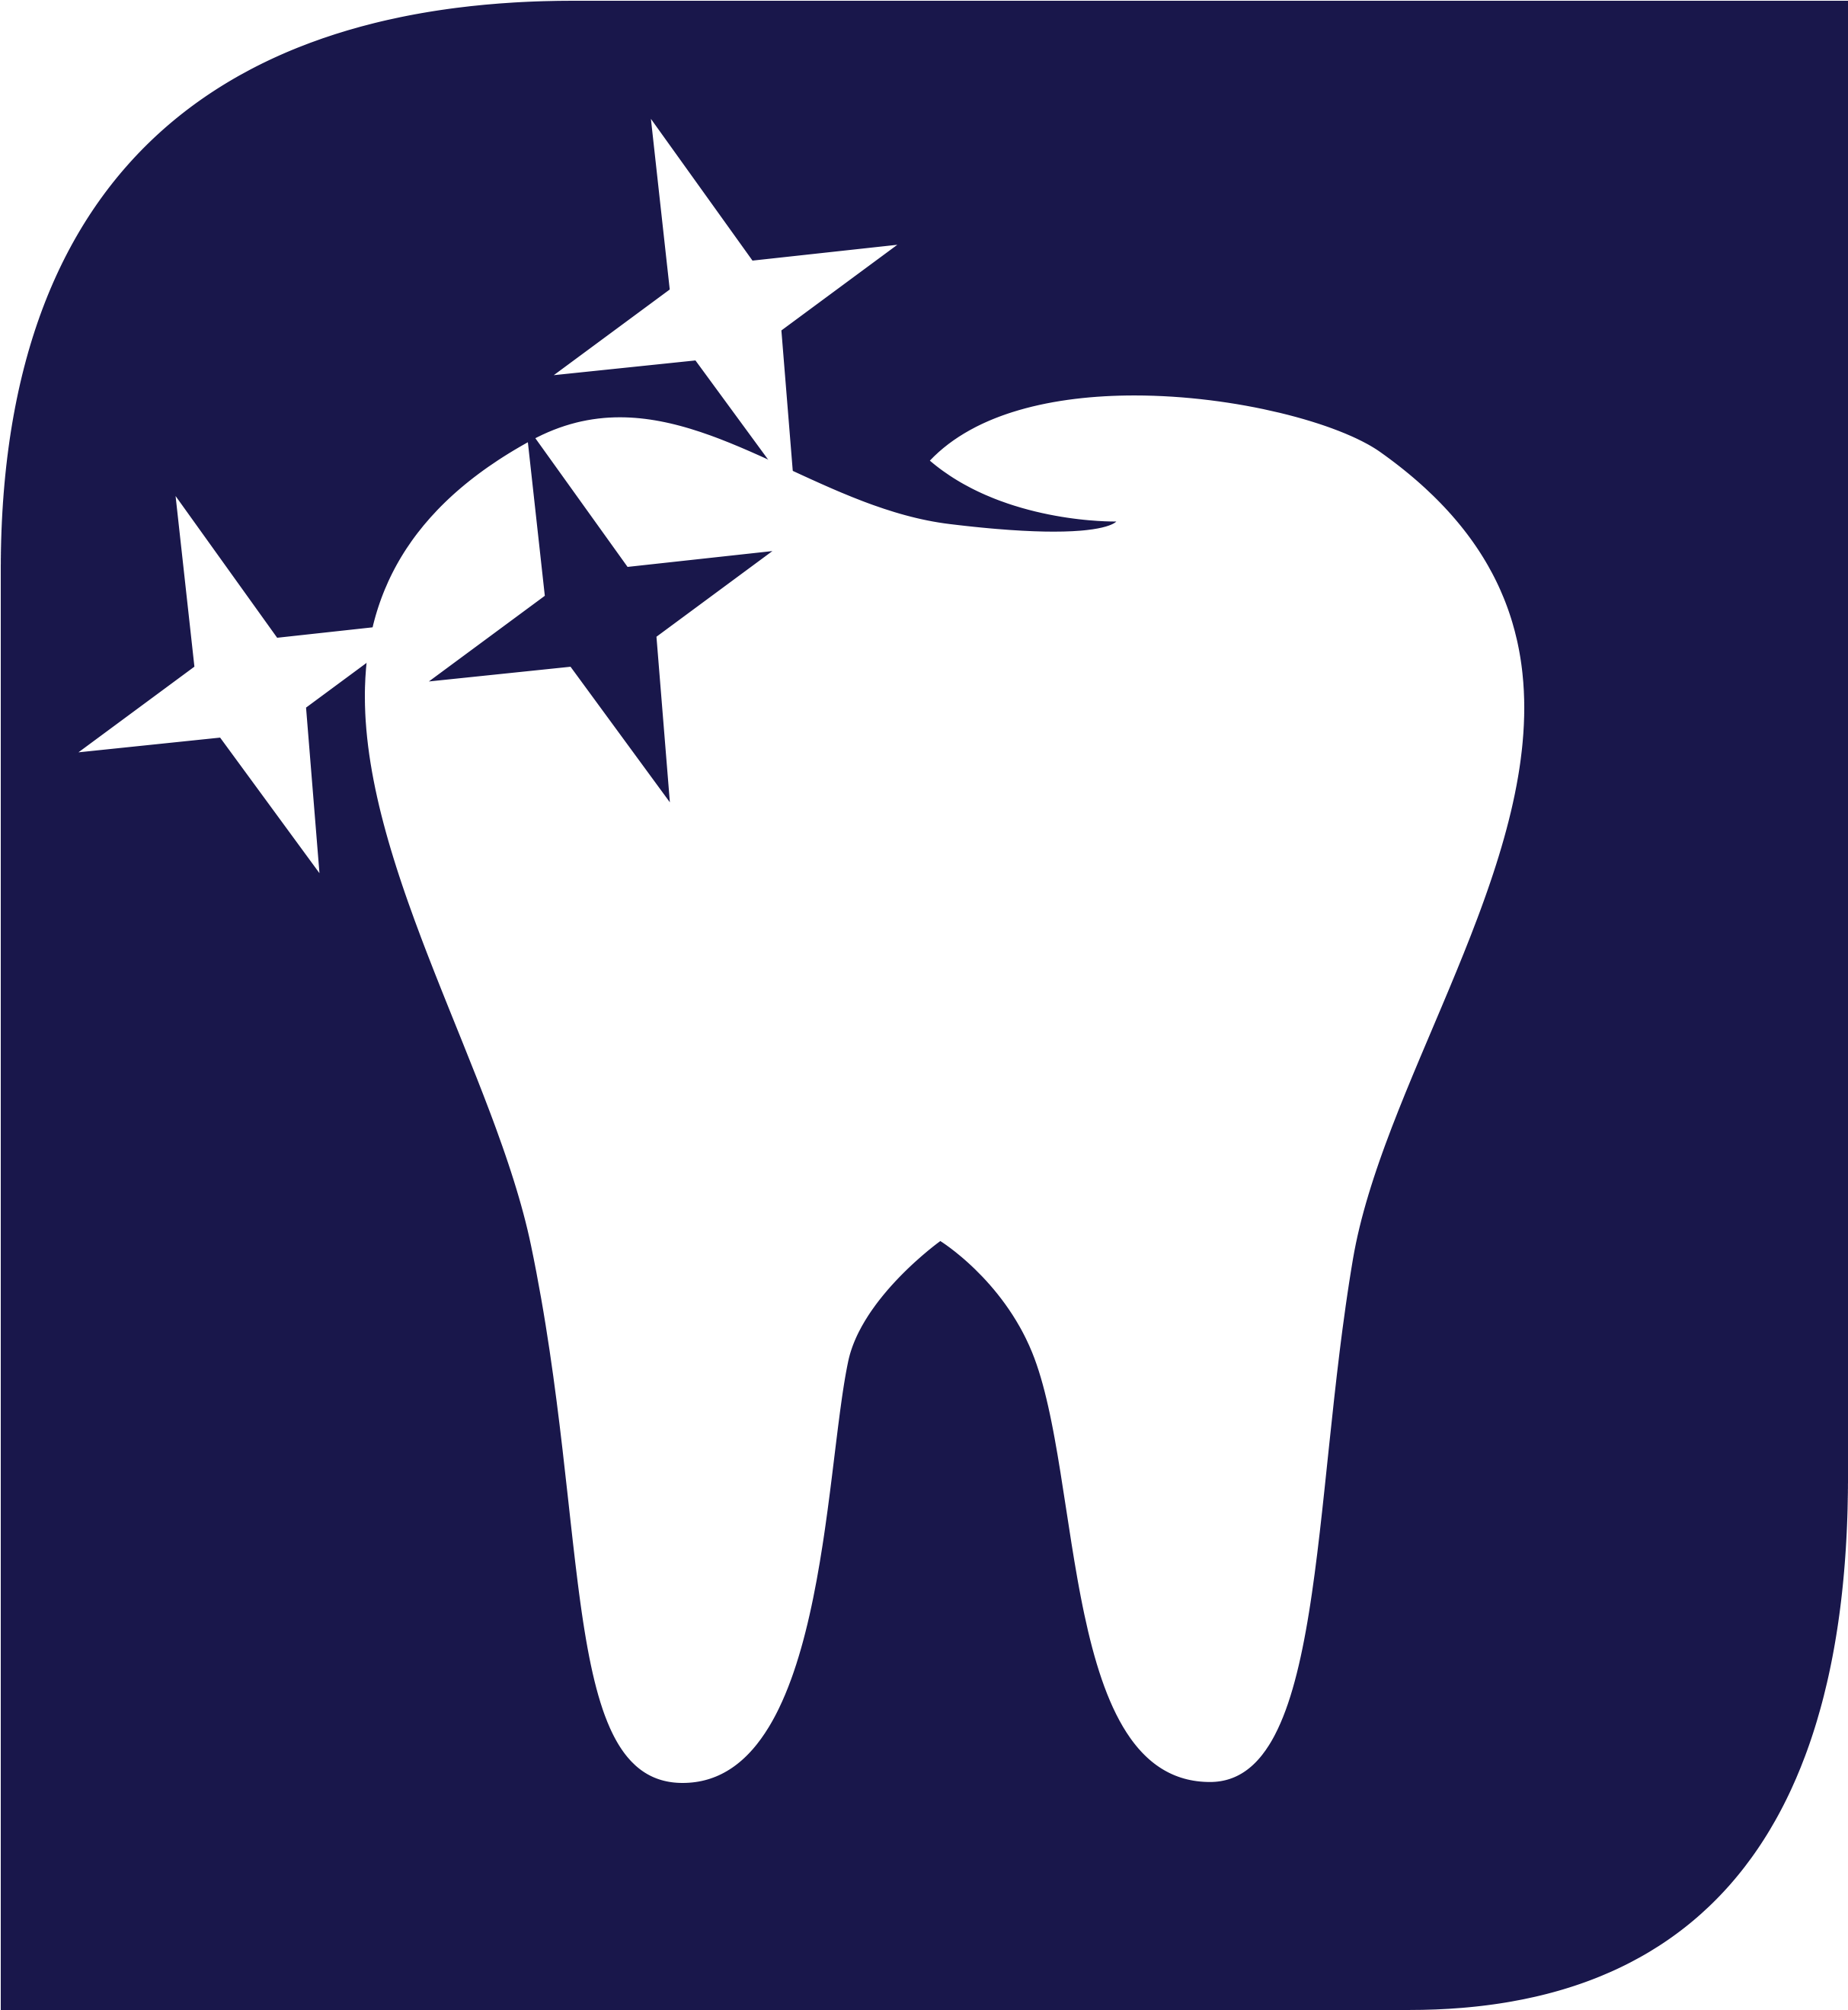 Download Hd Dental Symbol Png Transparent Background Dental Logo Transparent Png Image Nicepng Com